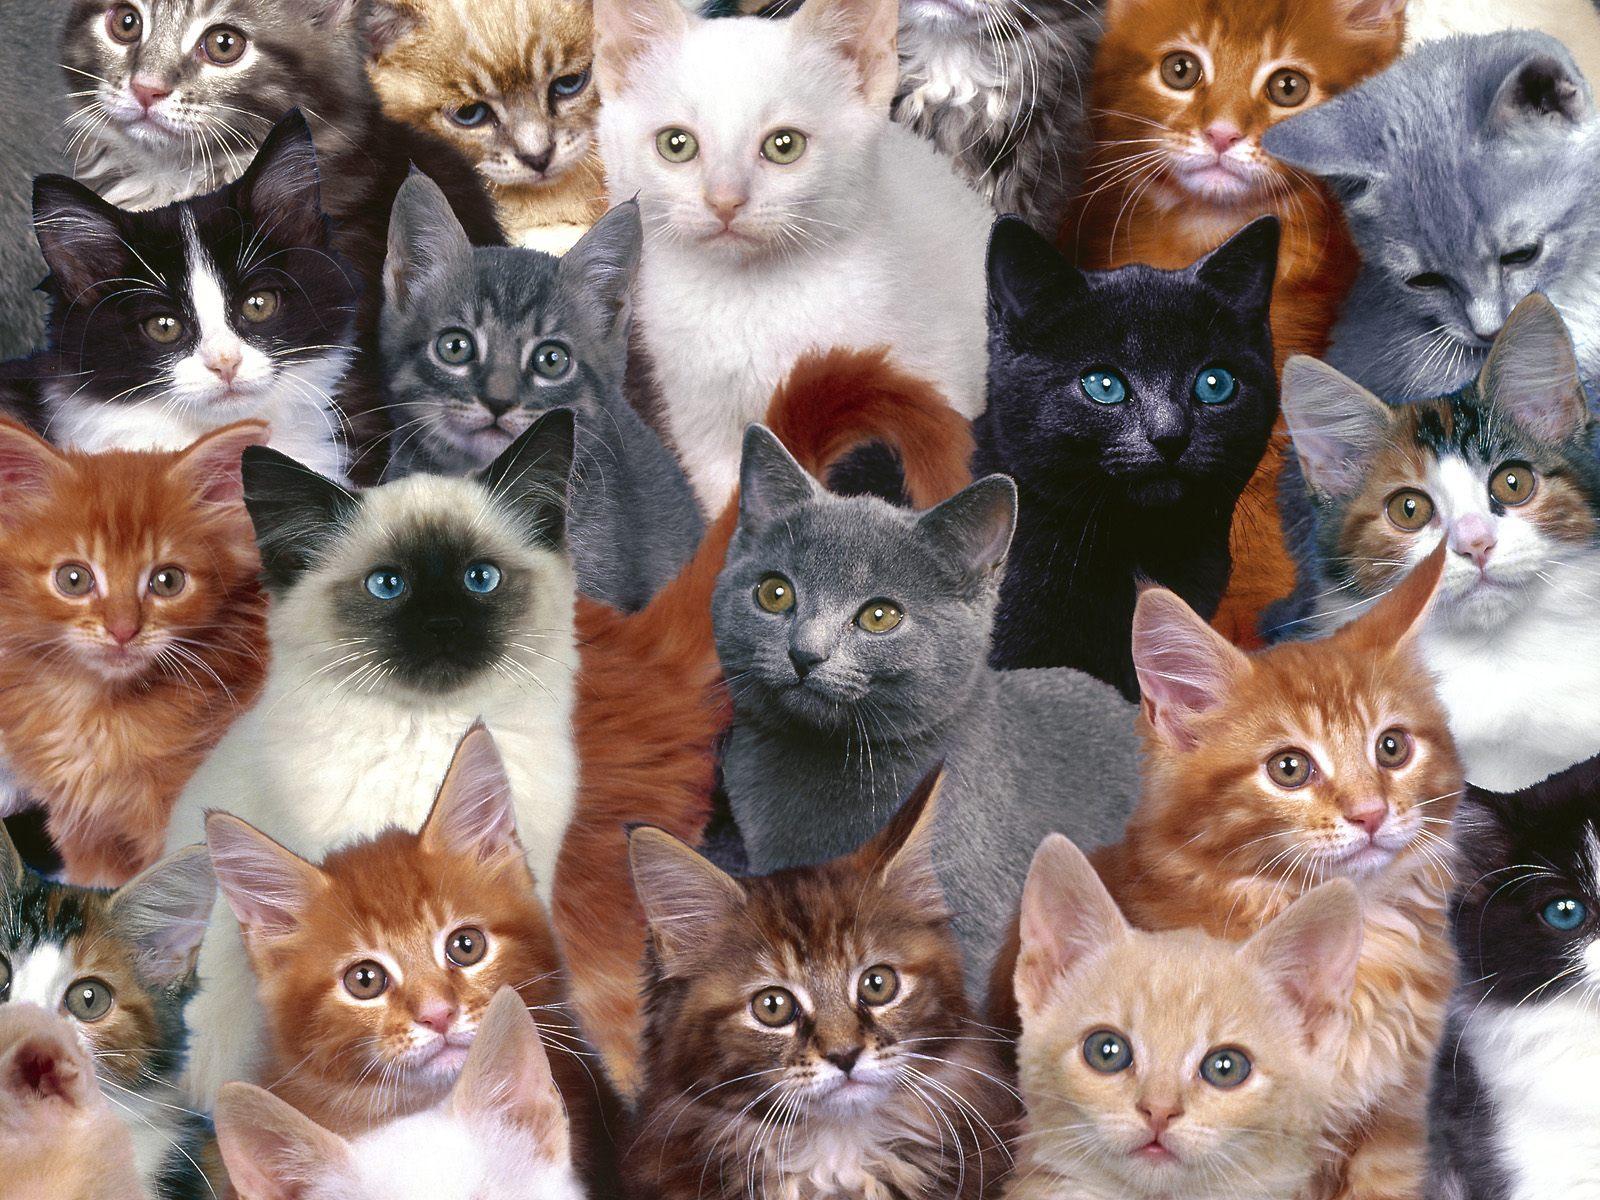 много картинок в одной картинке с котятами всяких сомнений самой